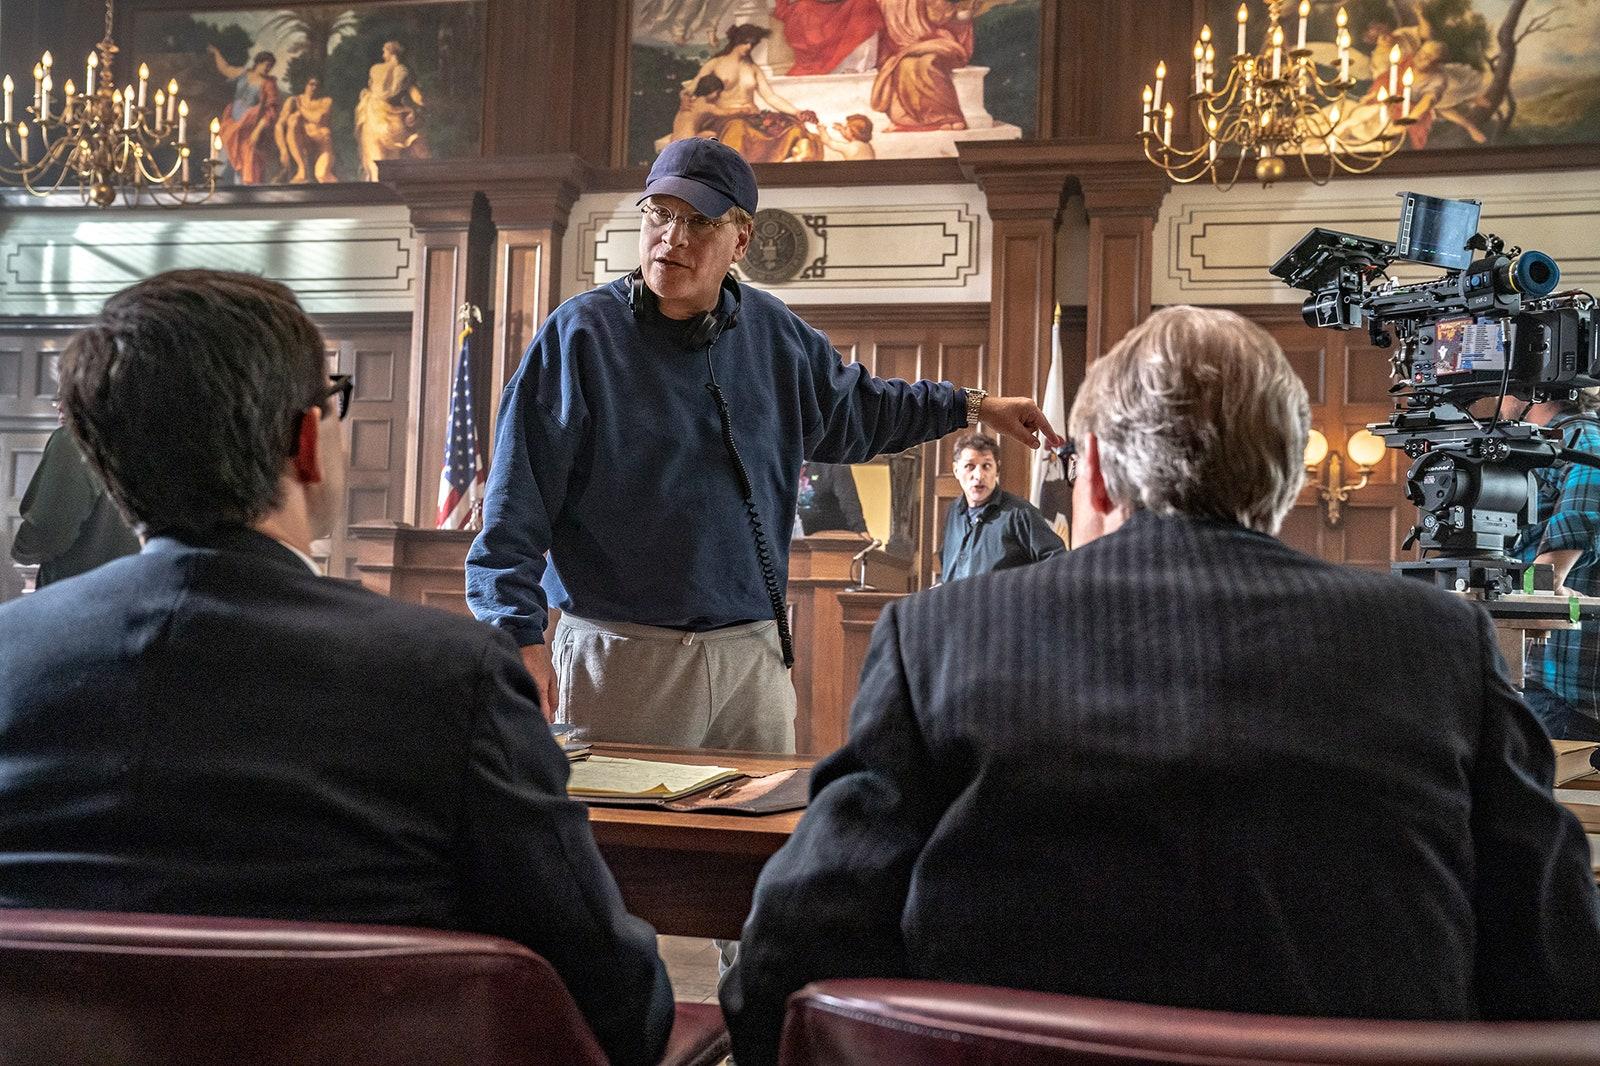 El juicio de los 7 de Chicago, dirigida por Aaron Sorkin